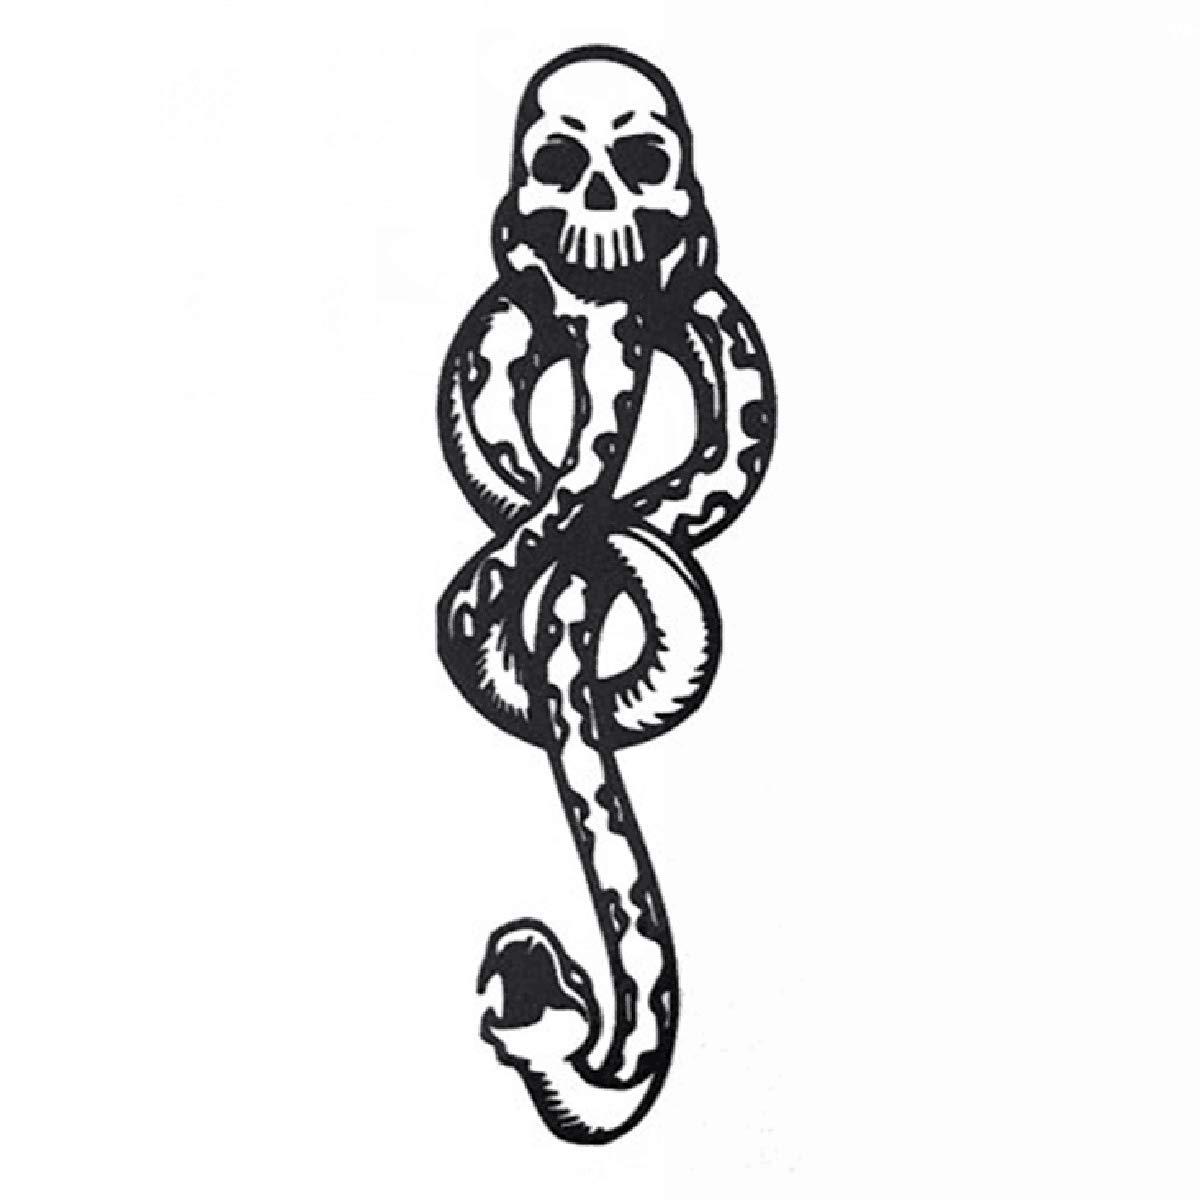 COKOHAPPY 10 Pcs Magic Death Eaters Dark Mark Mamba Snake Temporary Tattoo for Harry Potter Costume Party